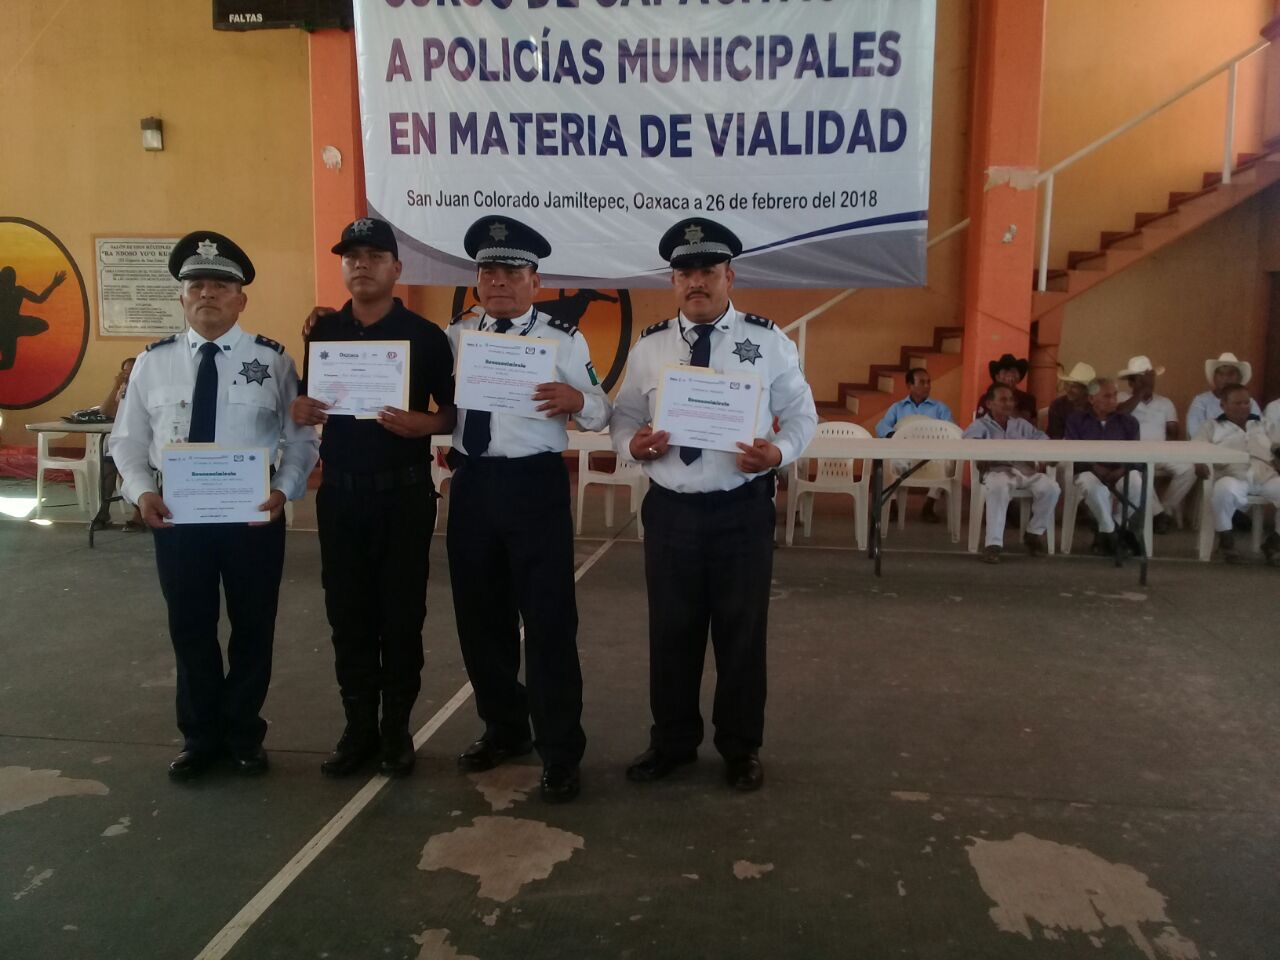 Policías concluyen curso de vialidad en Pinotepa Nacional, Oaxaca | El Imparcial de Oaxaca